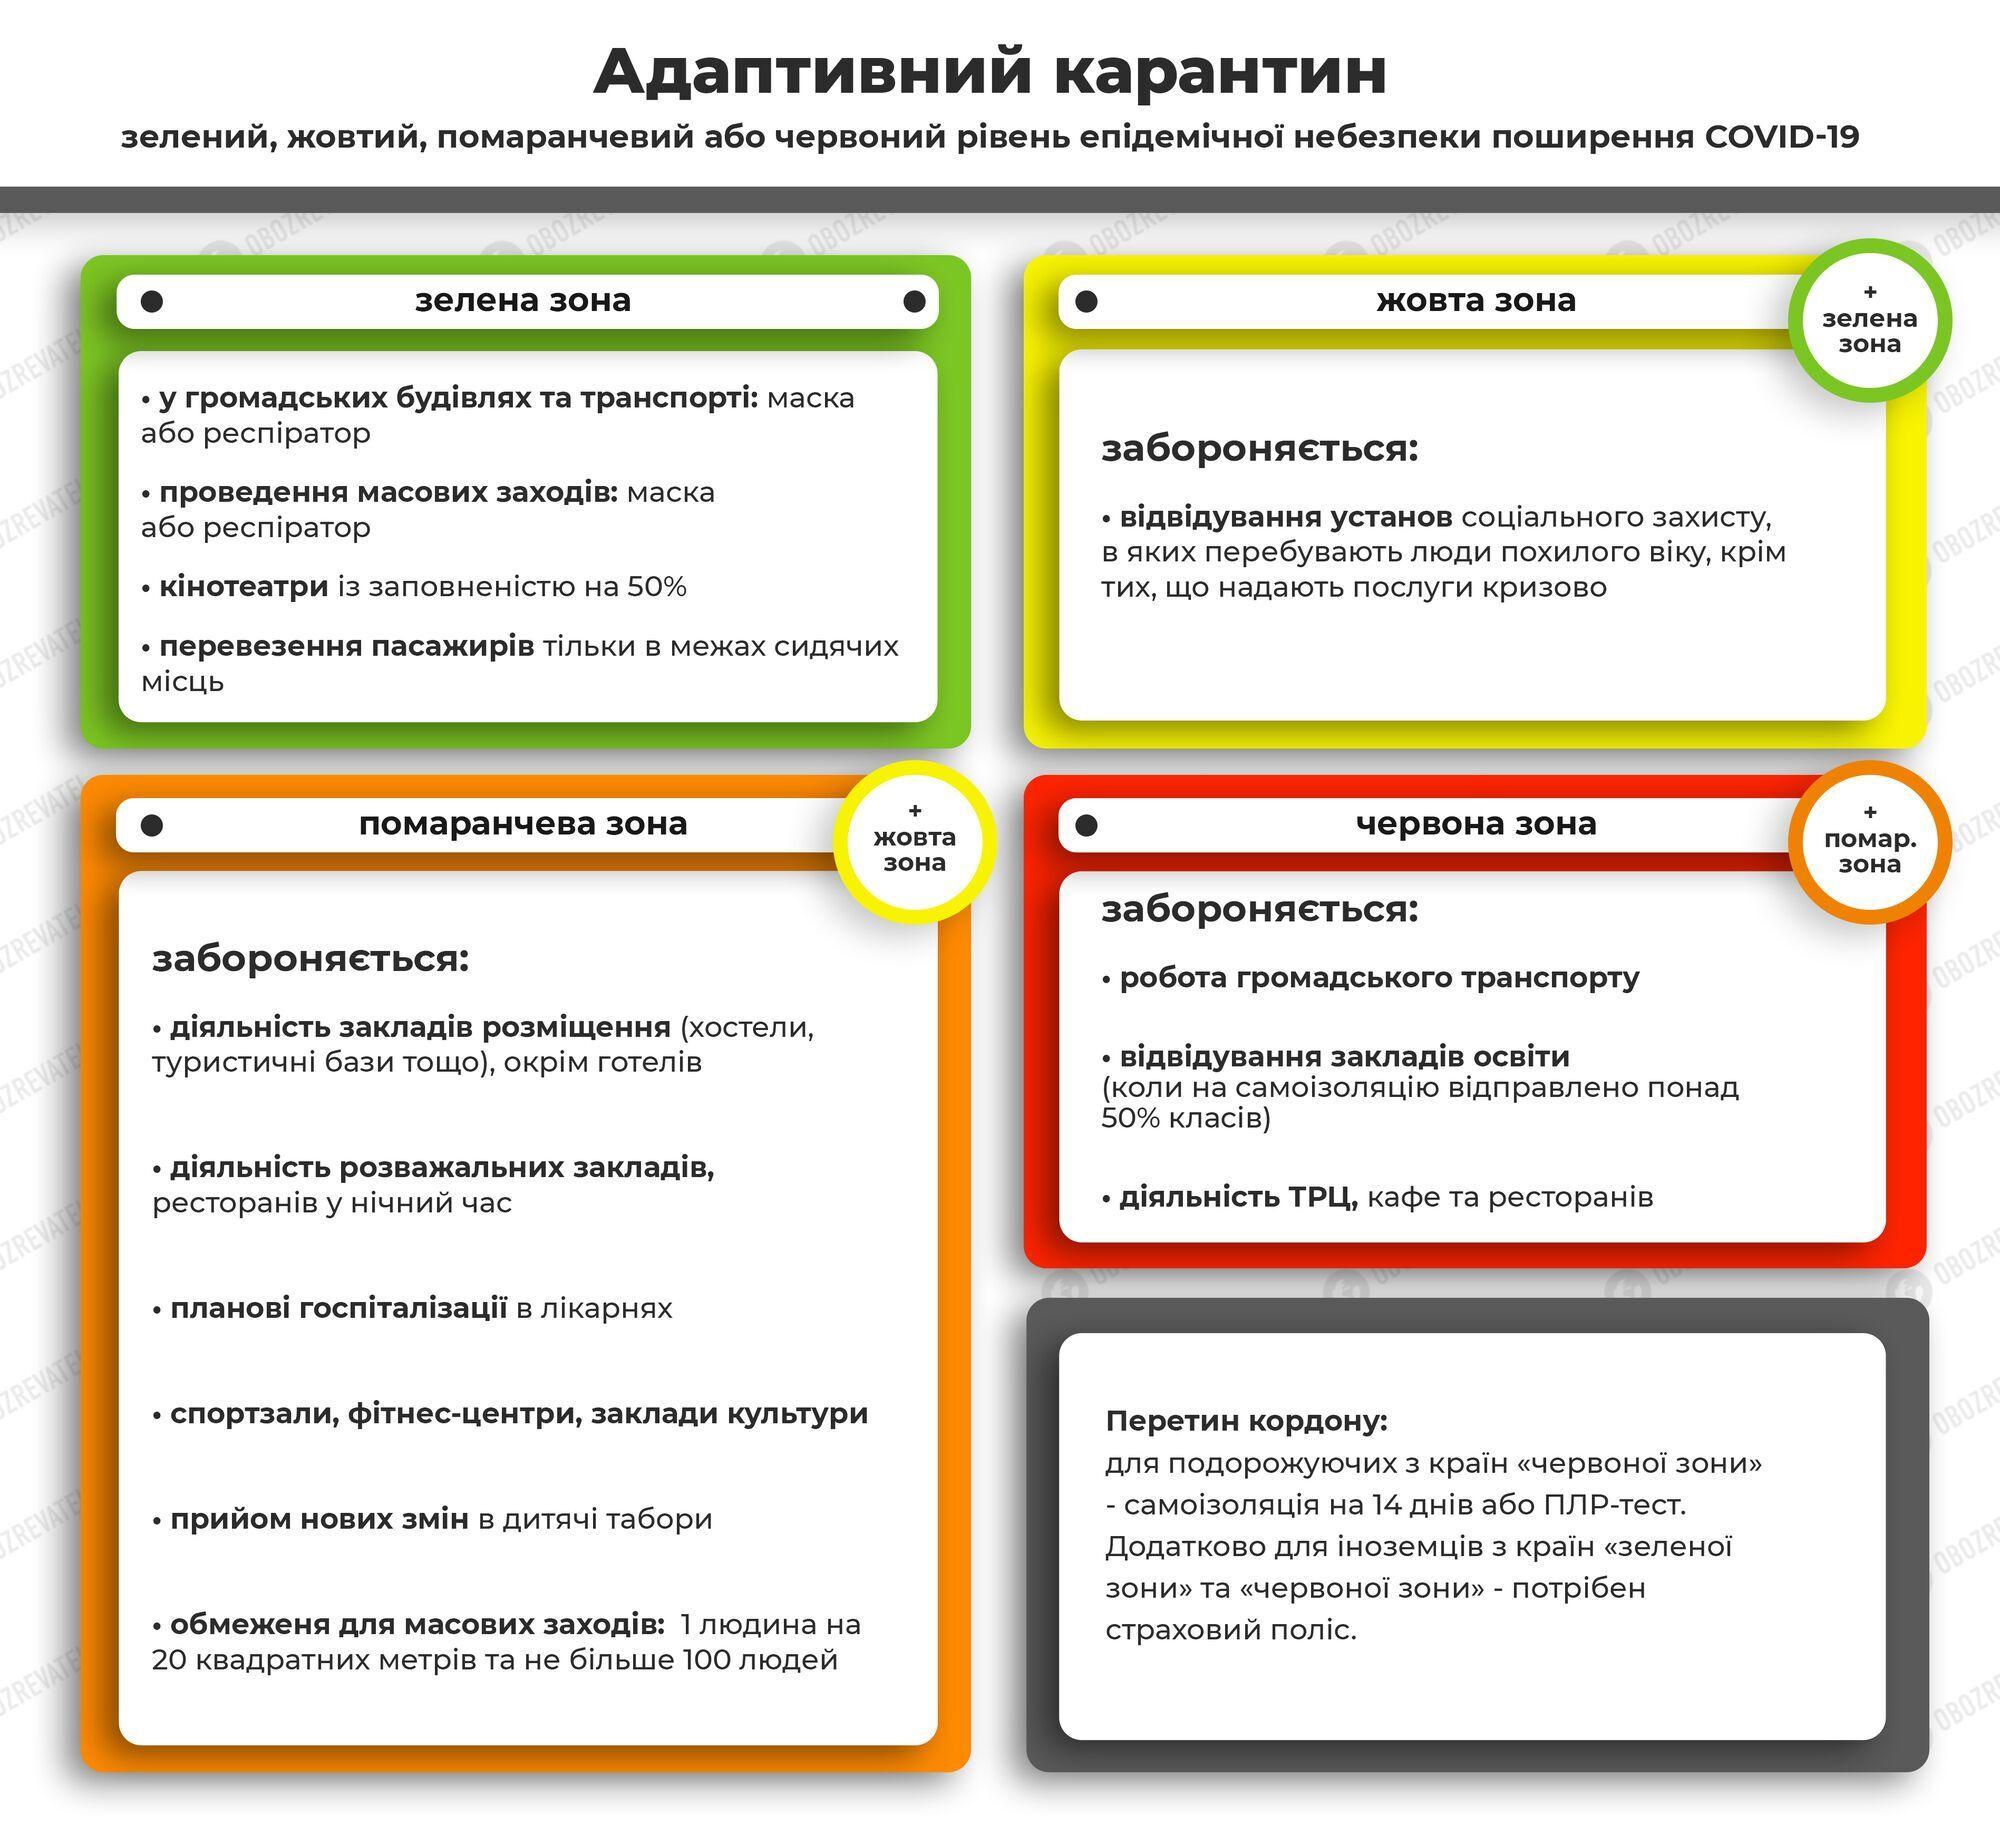 Шмигаль заявив про можливе продовження карантину до серпня